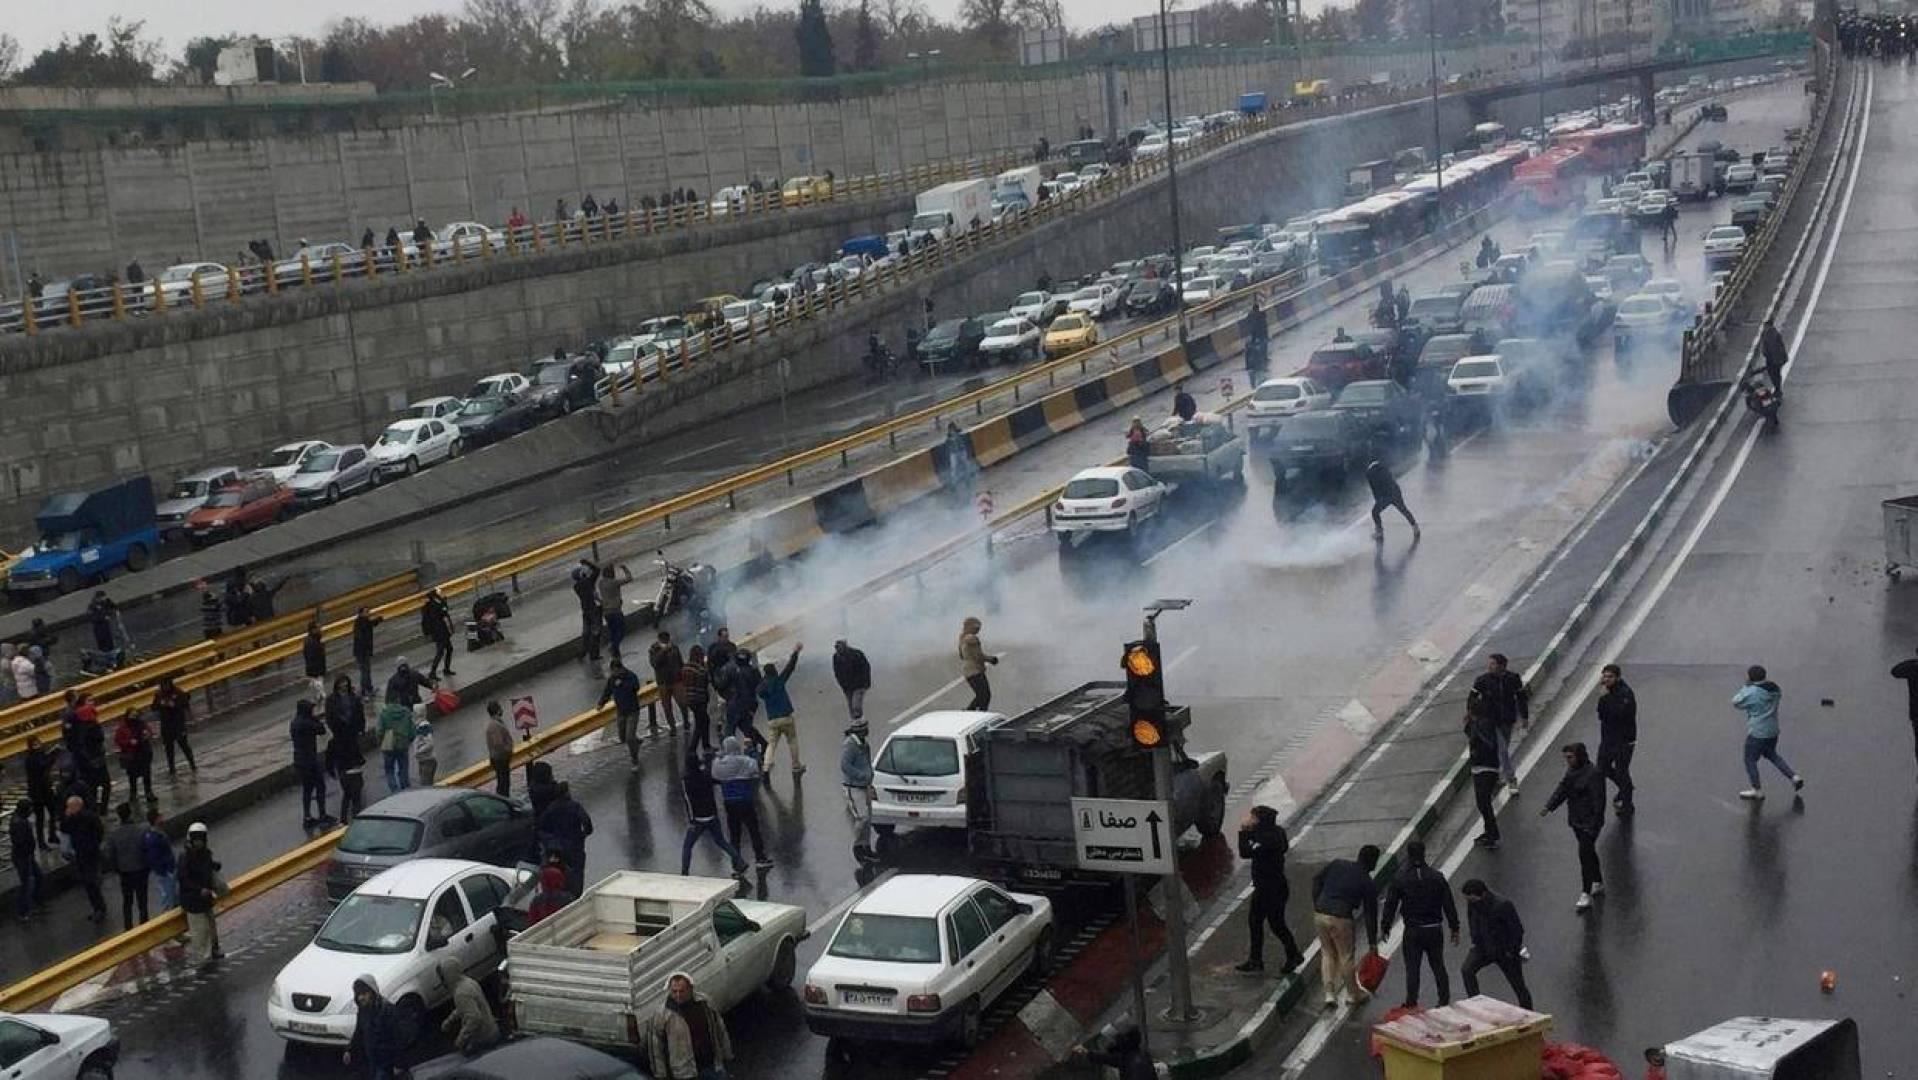 مواقع إيرانية معارضة: الاستخبارات الإيرانية أخرجت 36 جثة لمحتجين من مستشفى بطهران